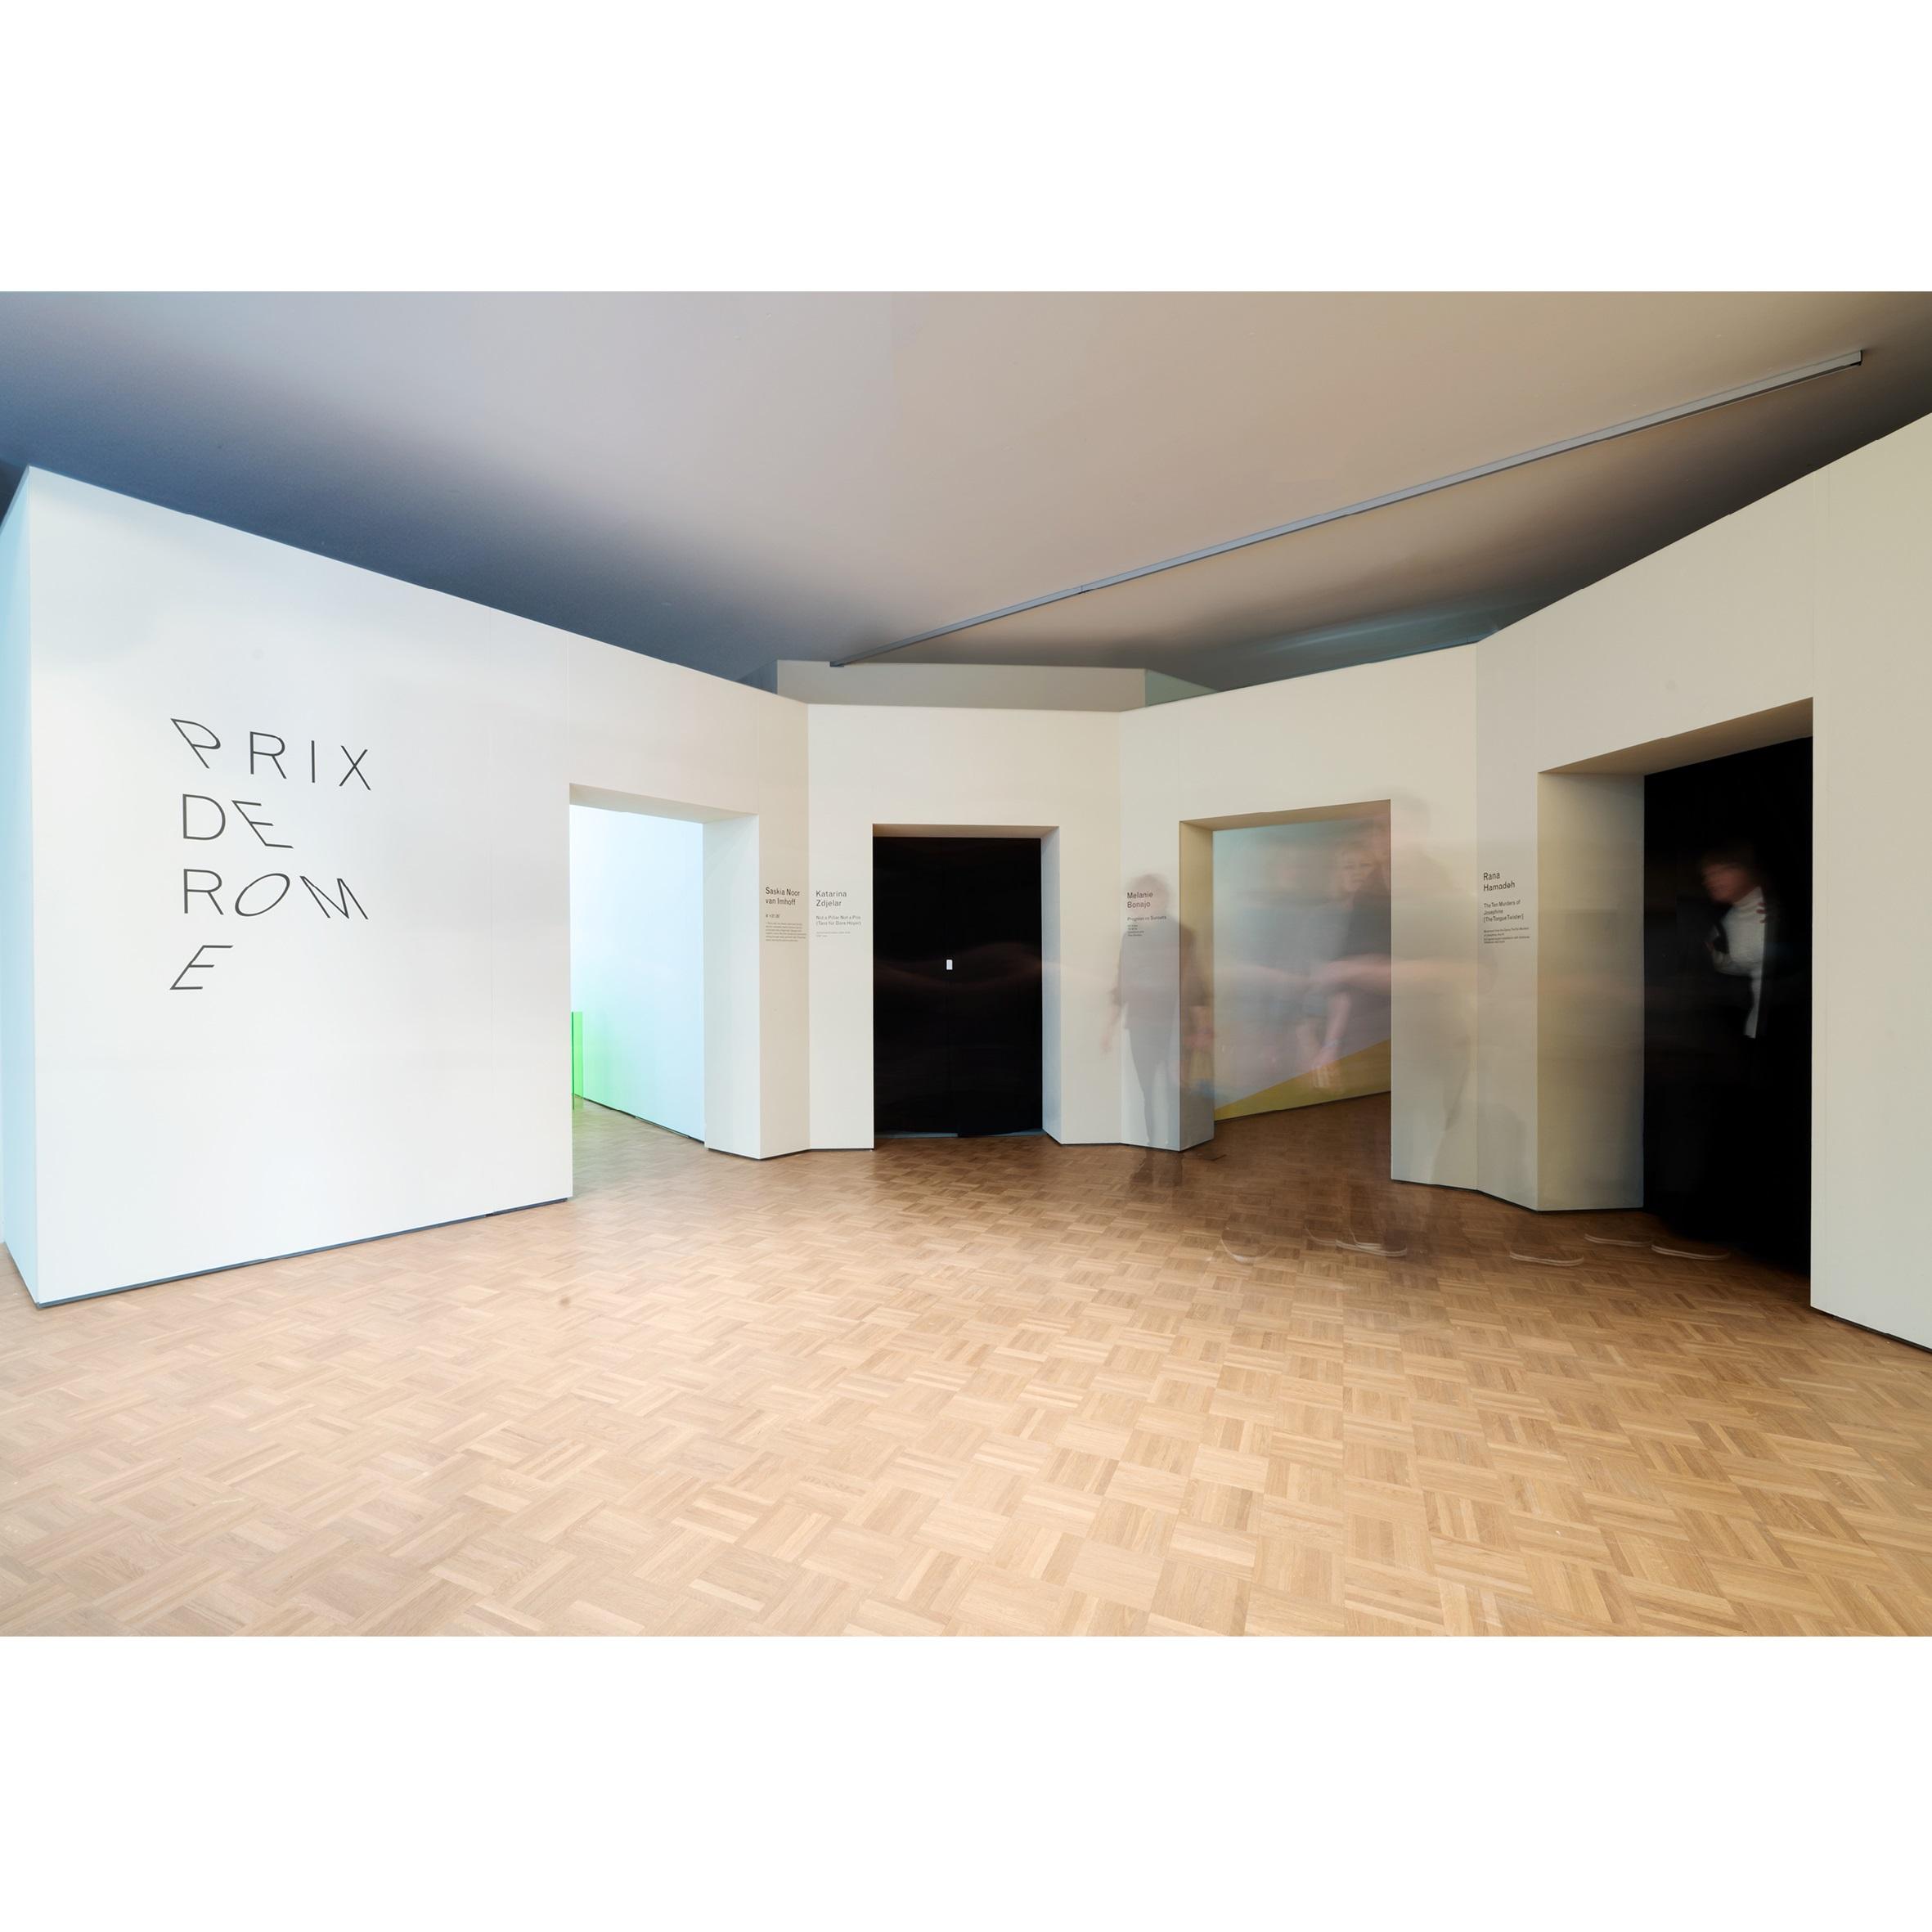 <p>De muur die de buiten- en binnenruimte scheidt, vormt de toegang tot de tentoonstellingsruimten van de tentoonstelling Prix de Rome 2017 in de Kunsthal door Donna van Milligen Bielke Beeld Sanne van Hecke</p>